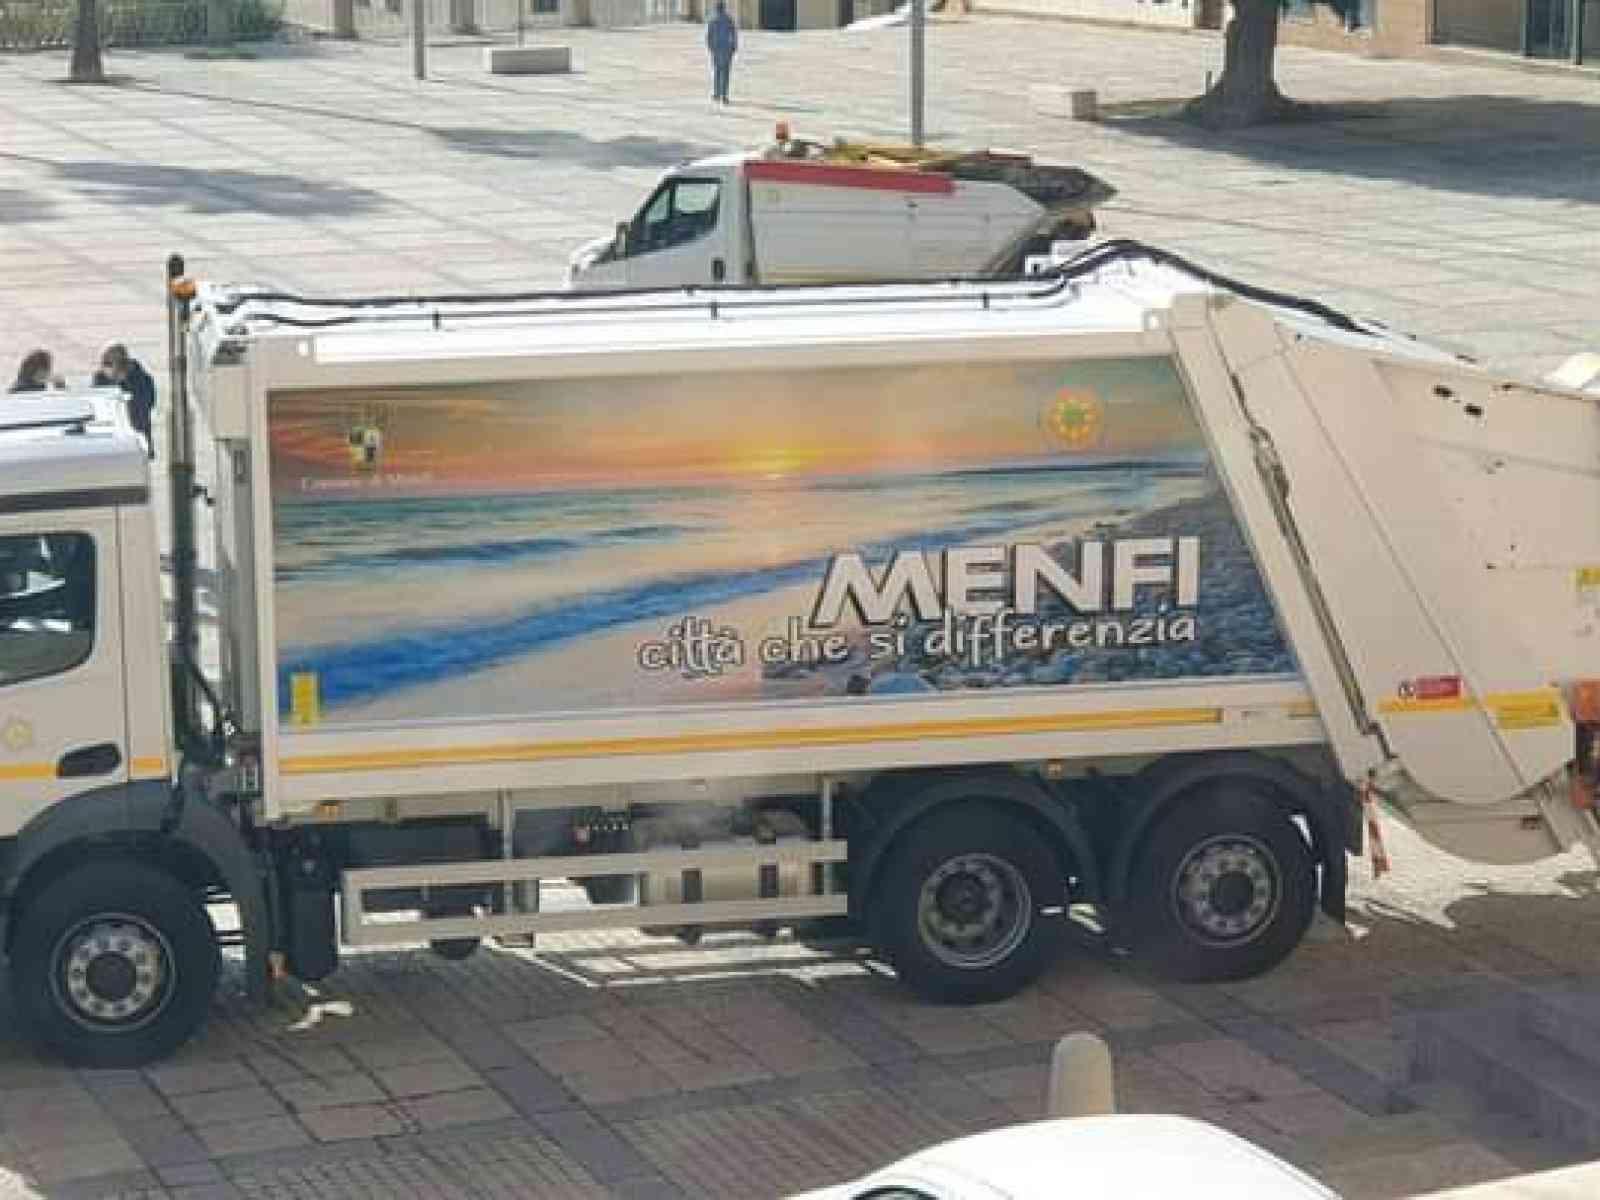 Immagine articolo: Menfi potenzia la flotta dei mezzi per la raccolta rifiuti. Adesso sono mezzi di proprietà. La soddisfazione dell'Amministrazione.